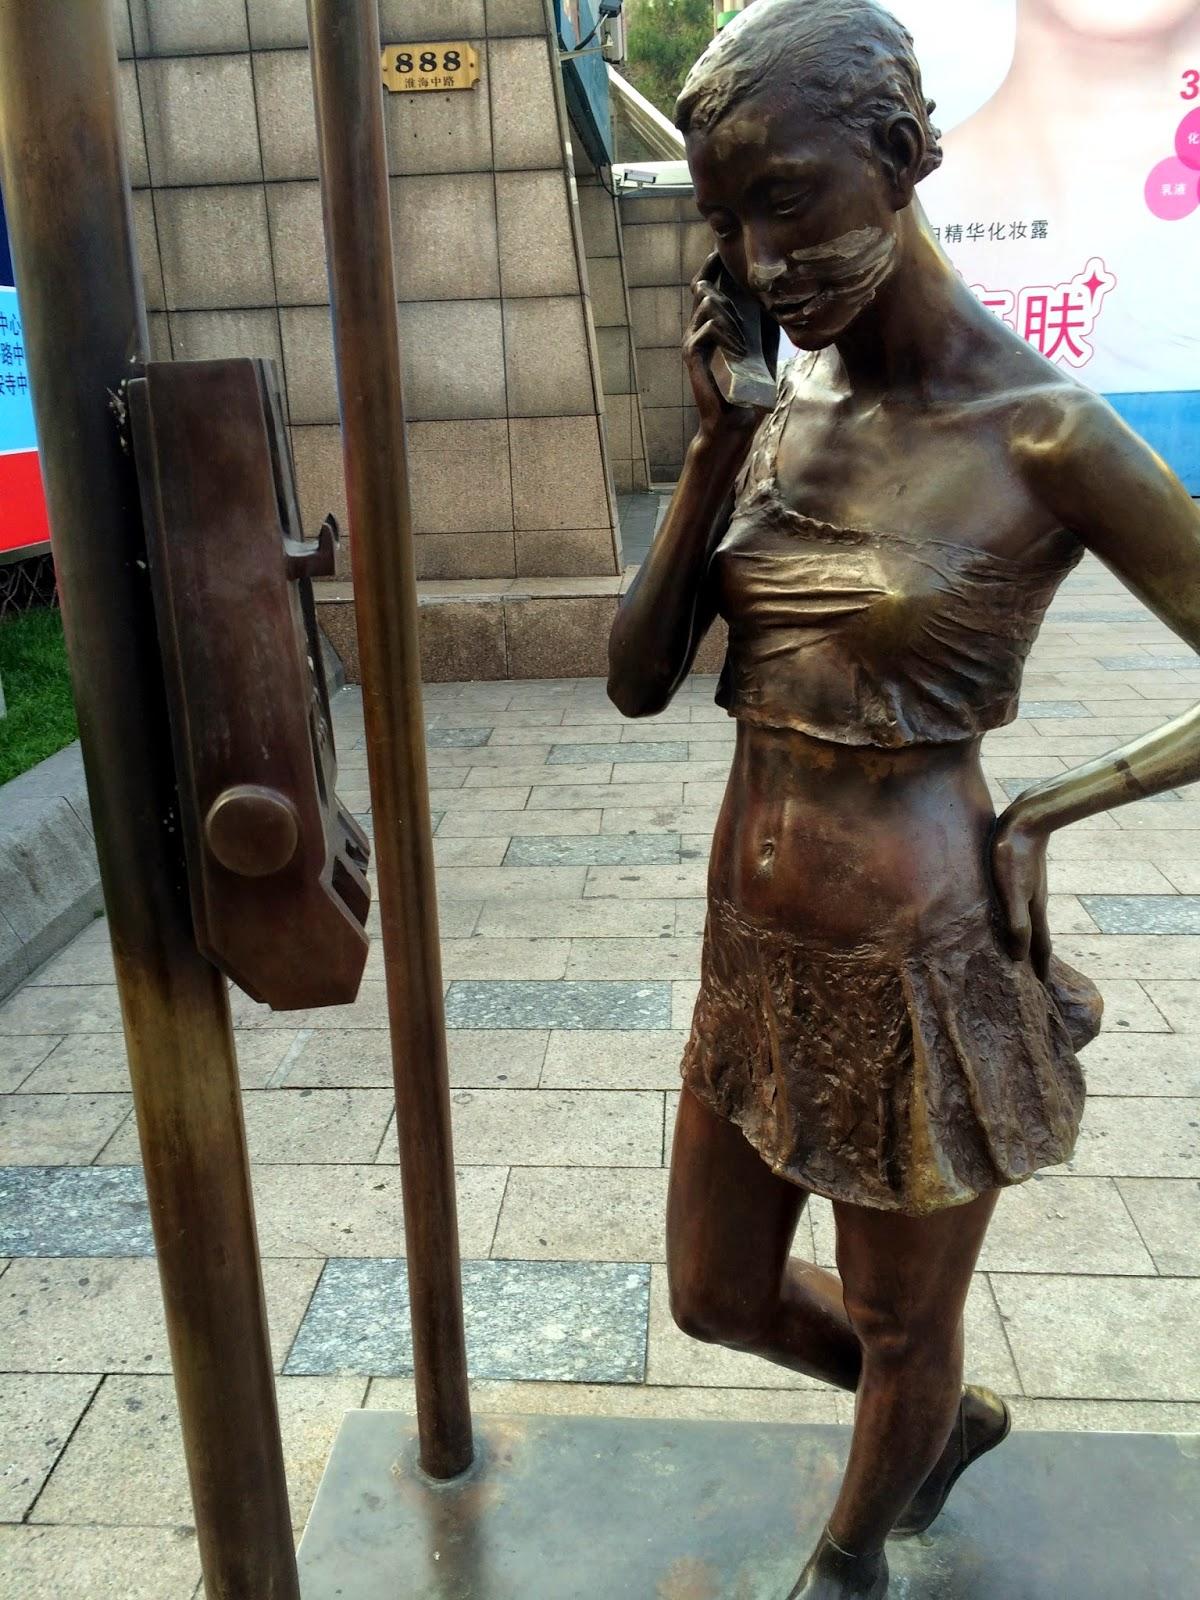 En bronzefigur ved nedgangen til metro